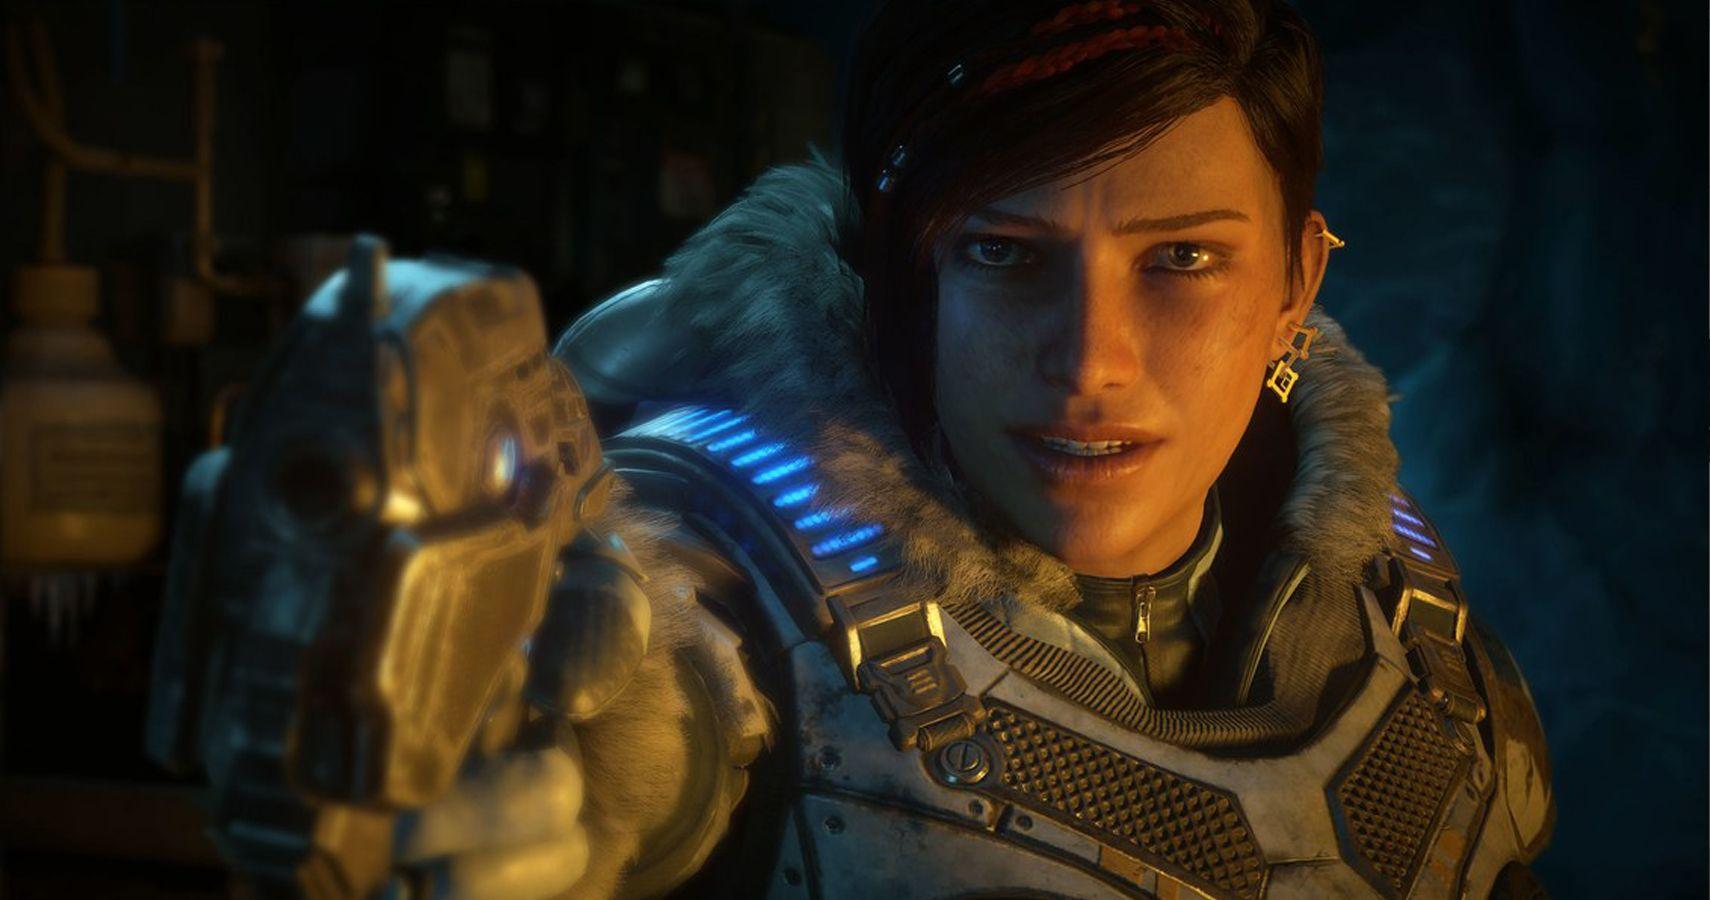 E3 2019: Female Representation In Video Games Is Still Abysmal